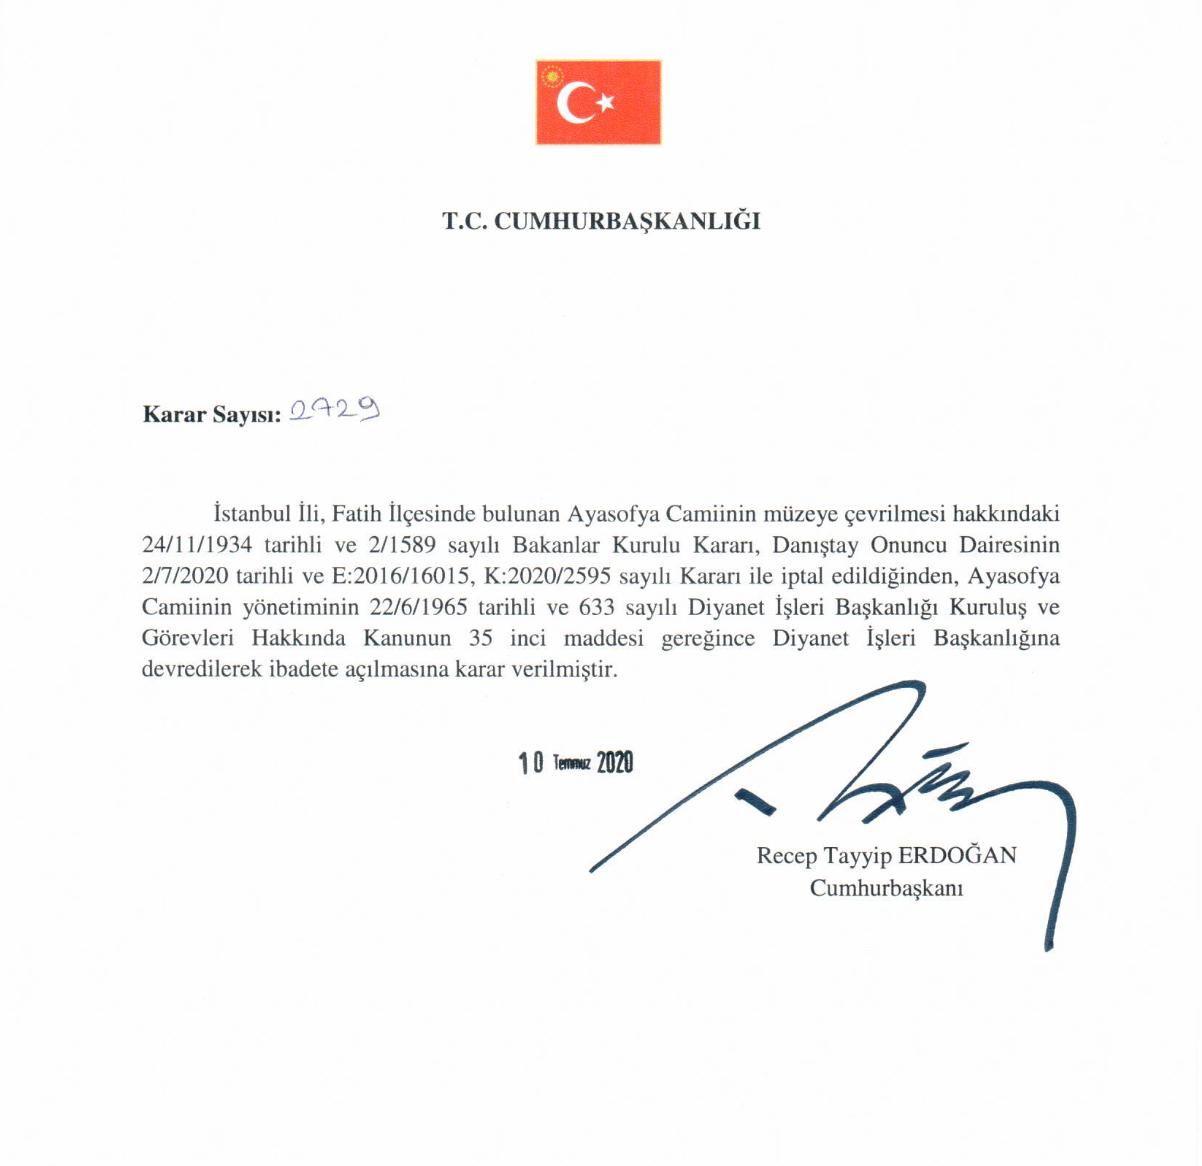 Hagia Sophia: Erdogan signs order to convert museum into mosque ...